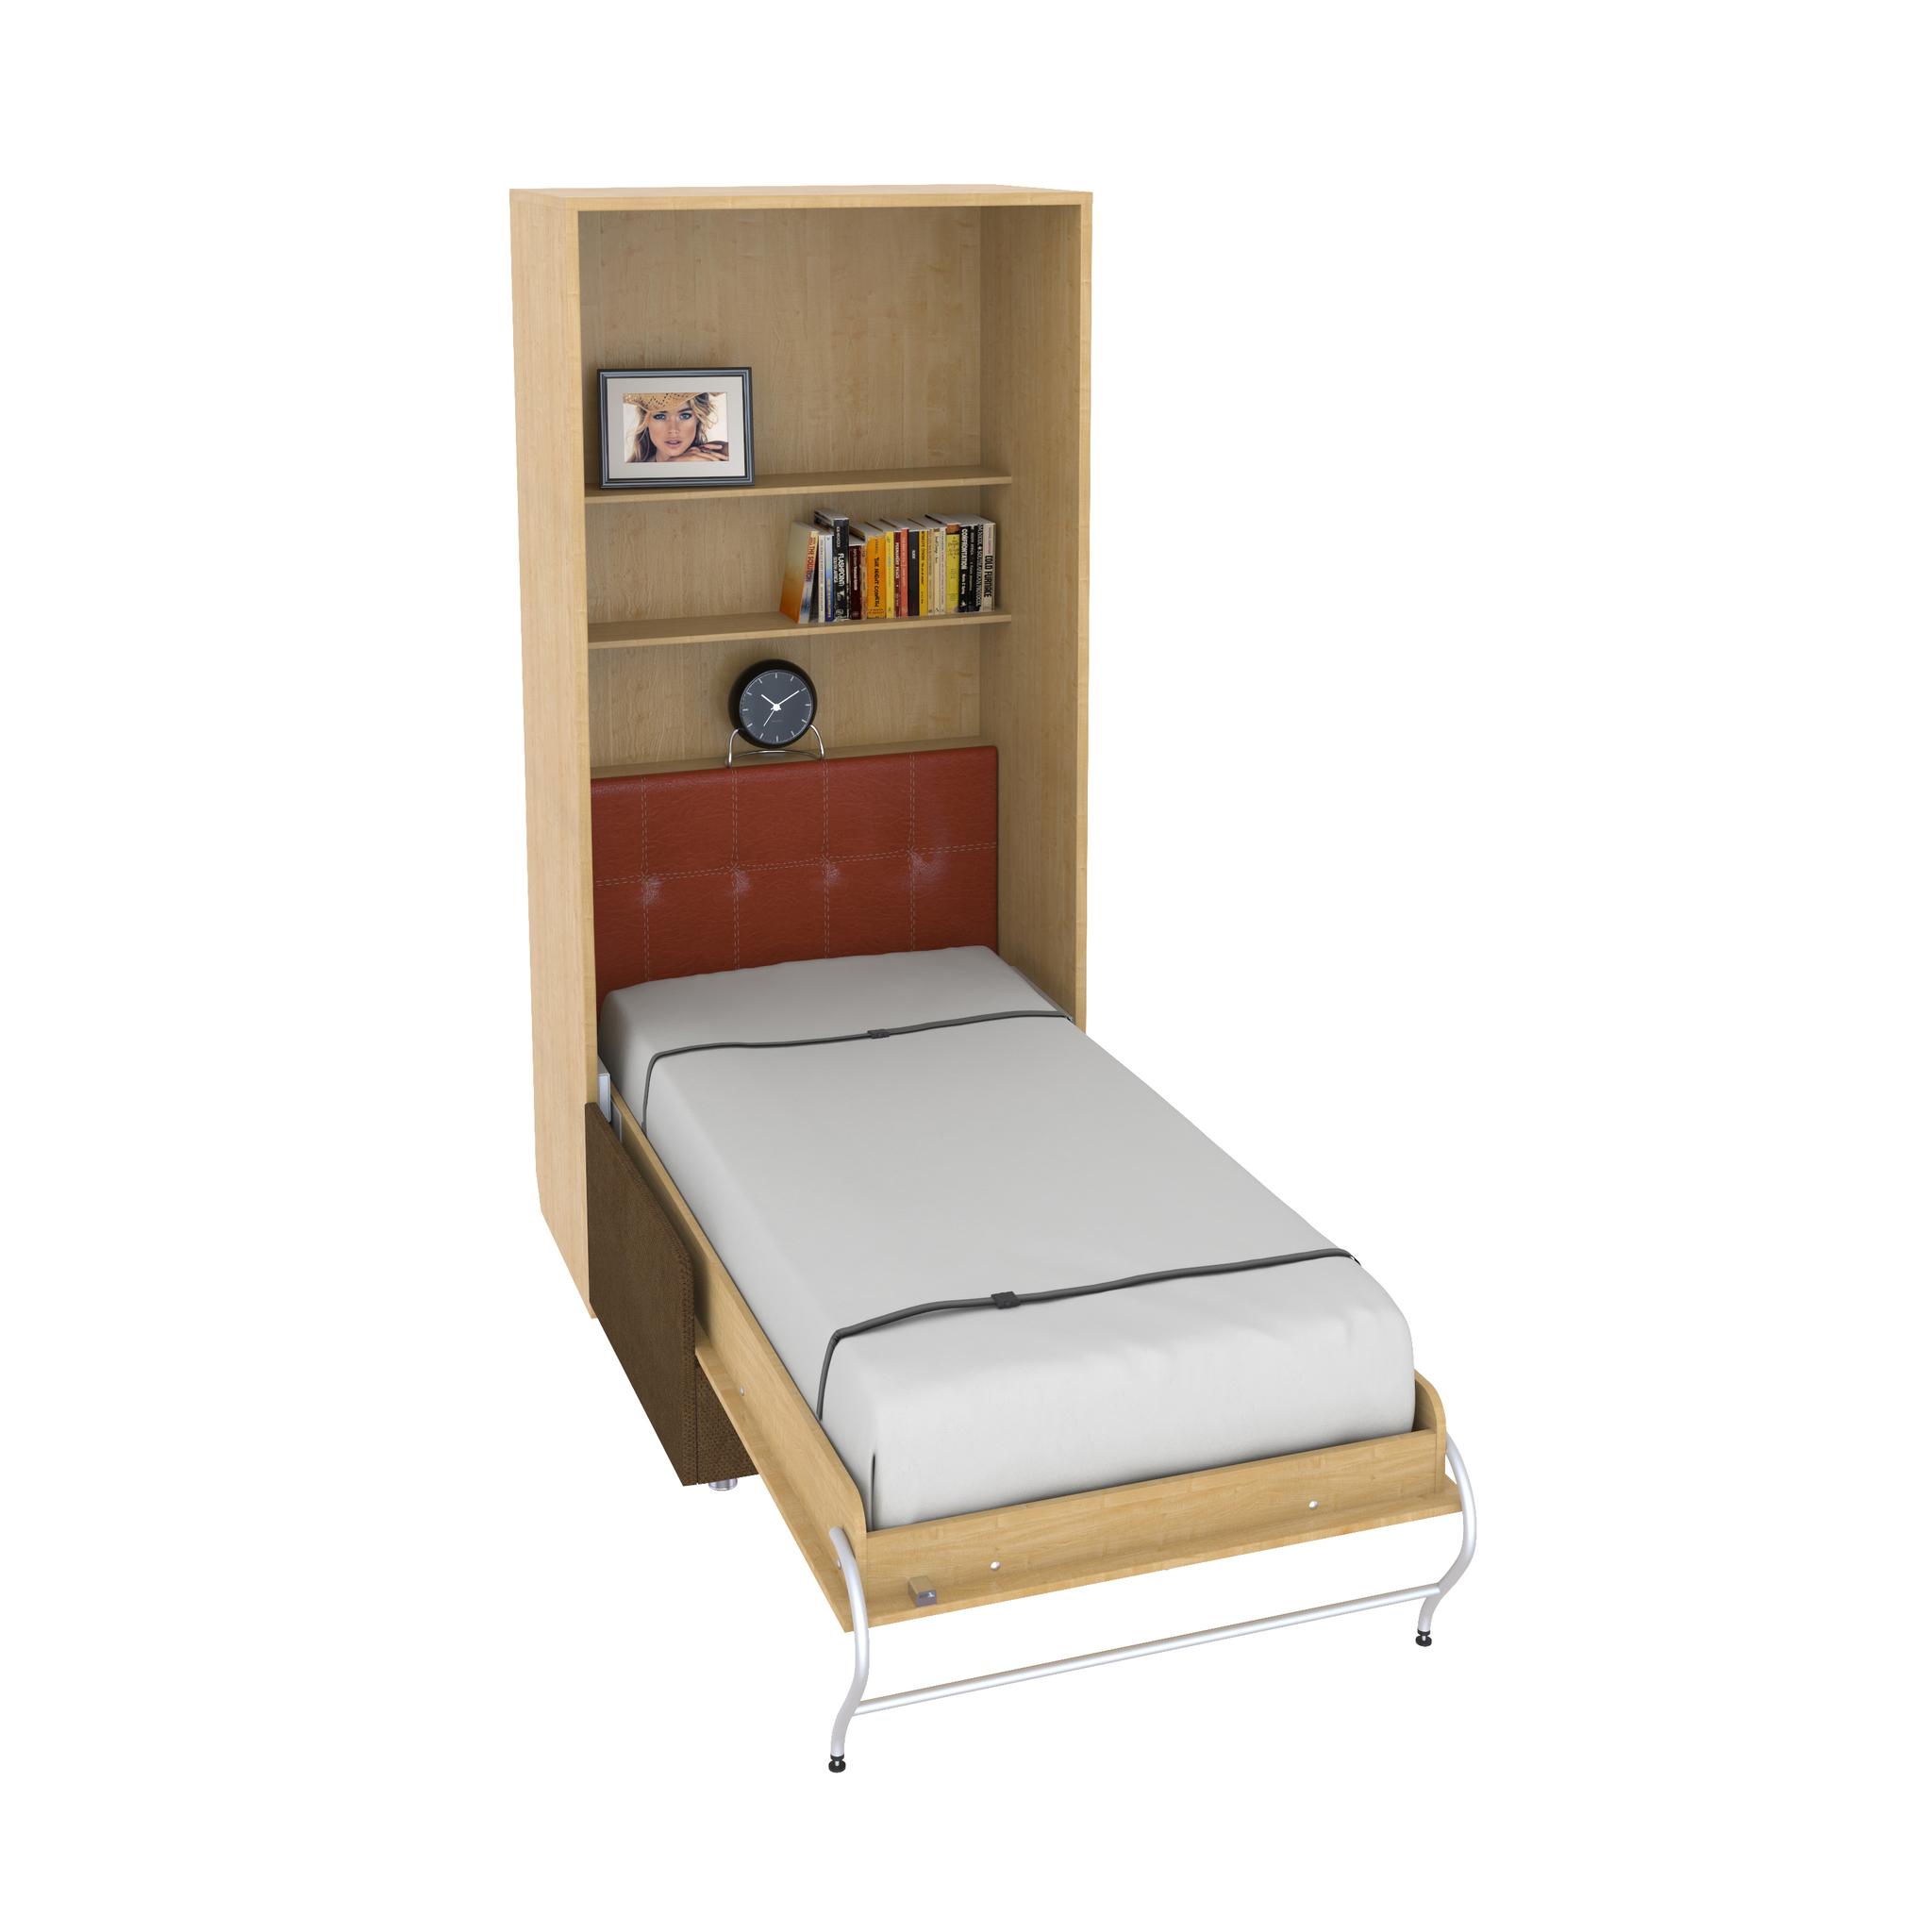 Шкаф-кровать с софой вертикальная односпальная 90 см